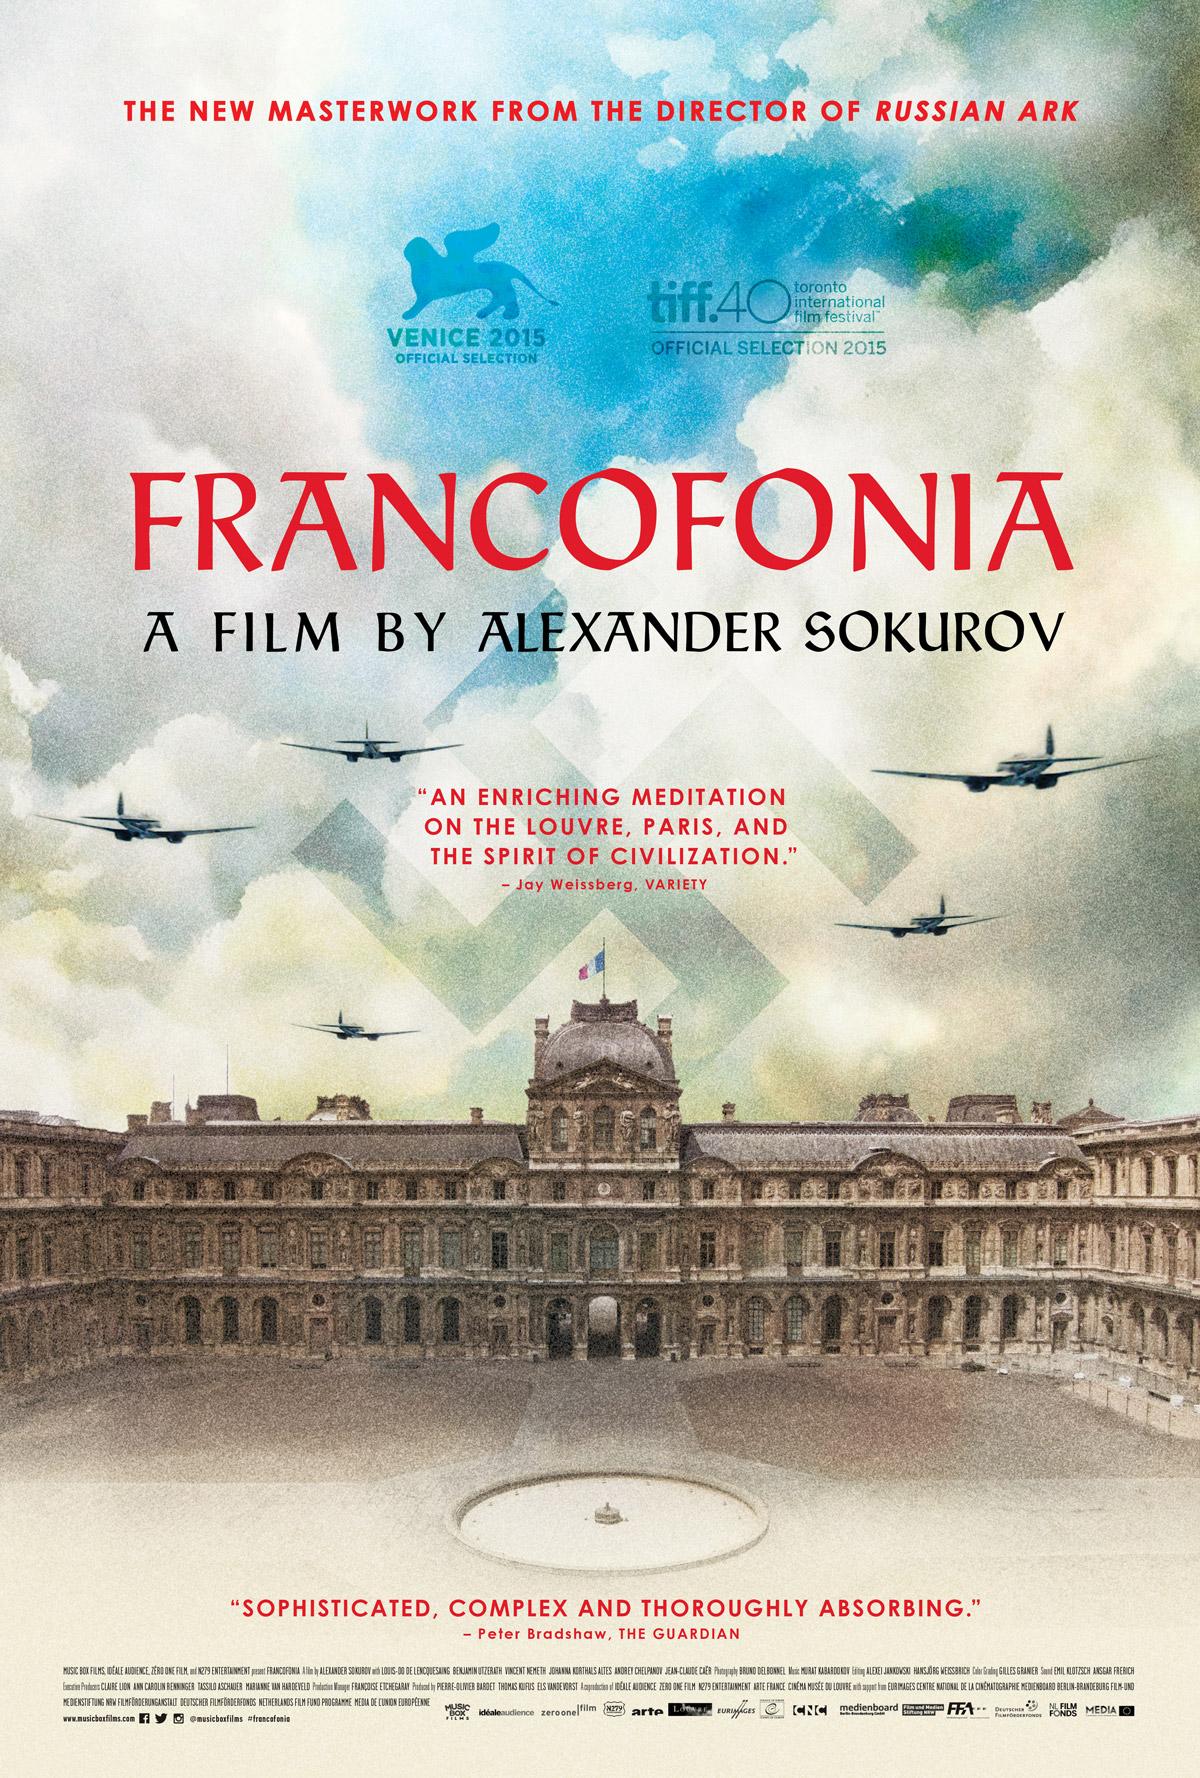 francofonia_final_poster_web